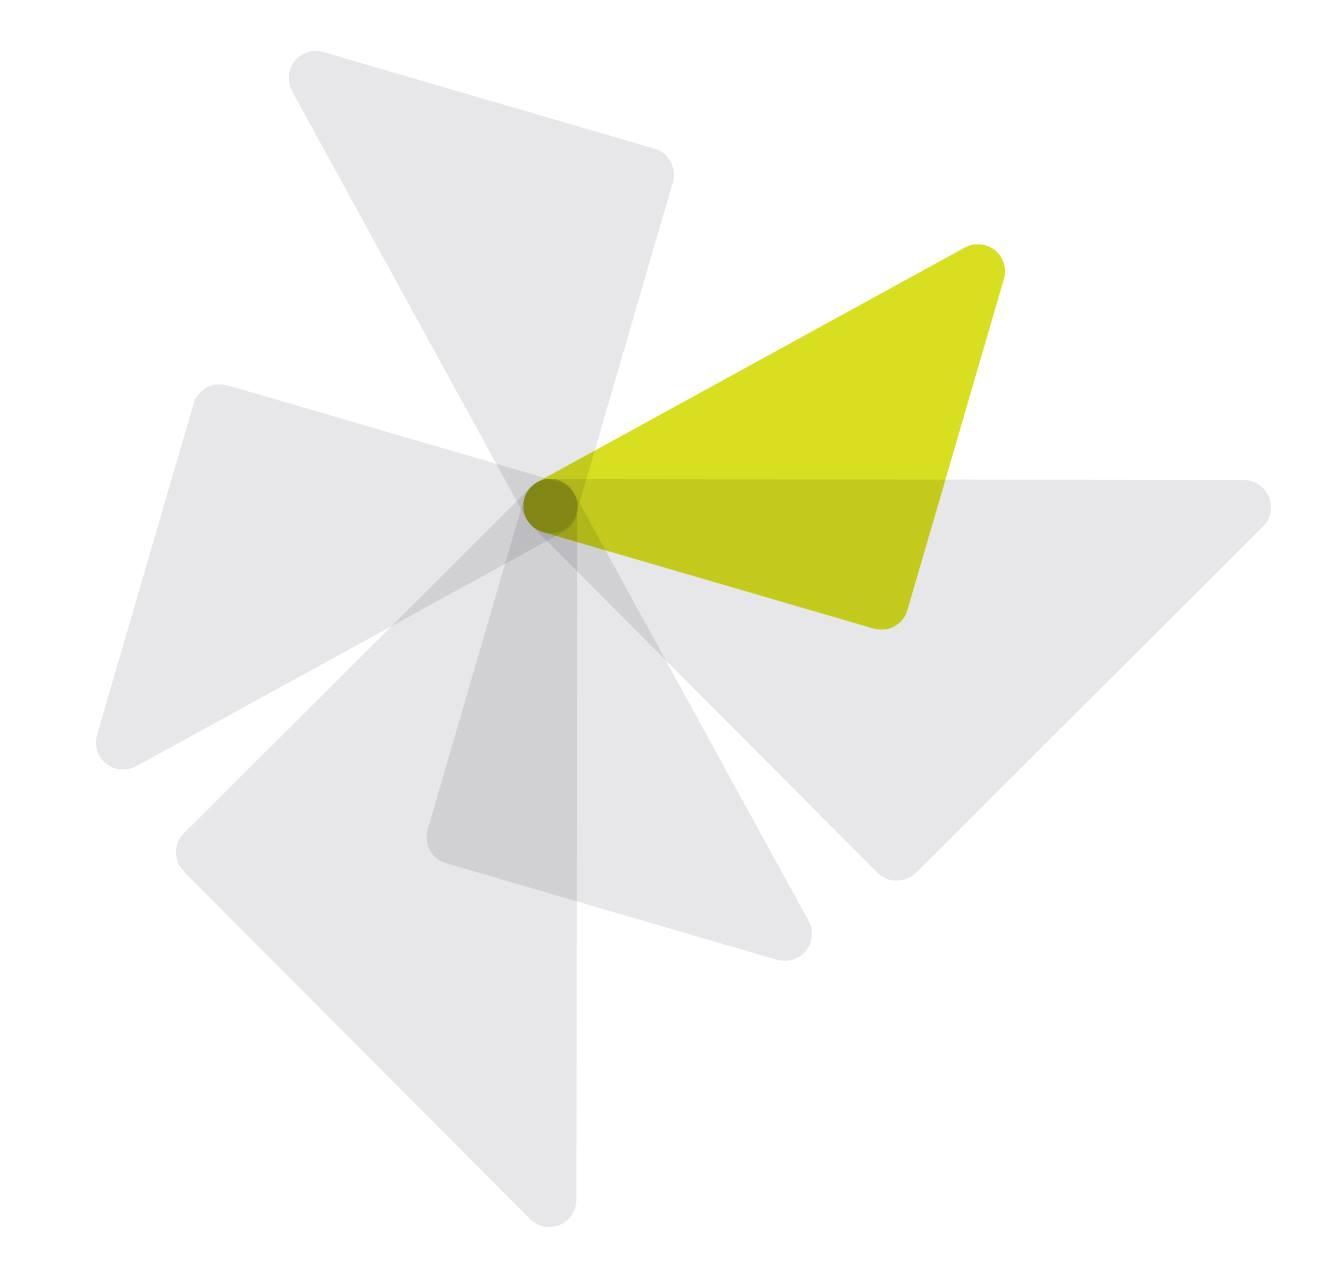 Mazappán Tecnología e Innovación - Desarrollo Web, WebApps, Consultoría de TI - GooseberryMX